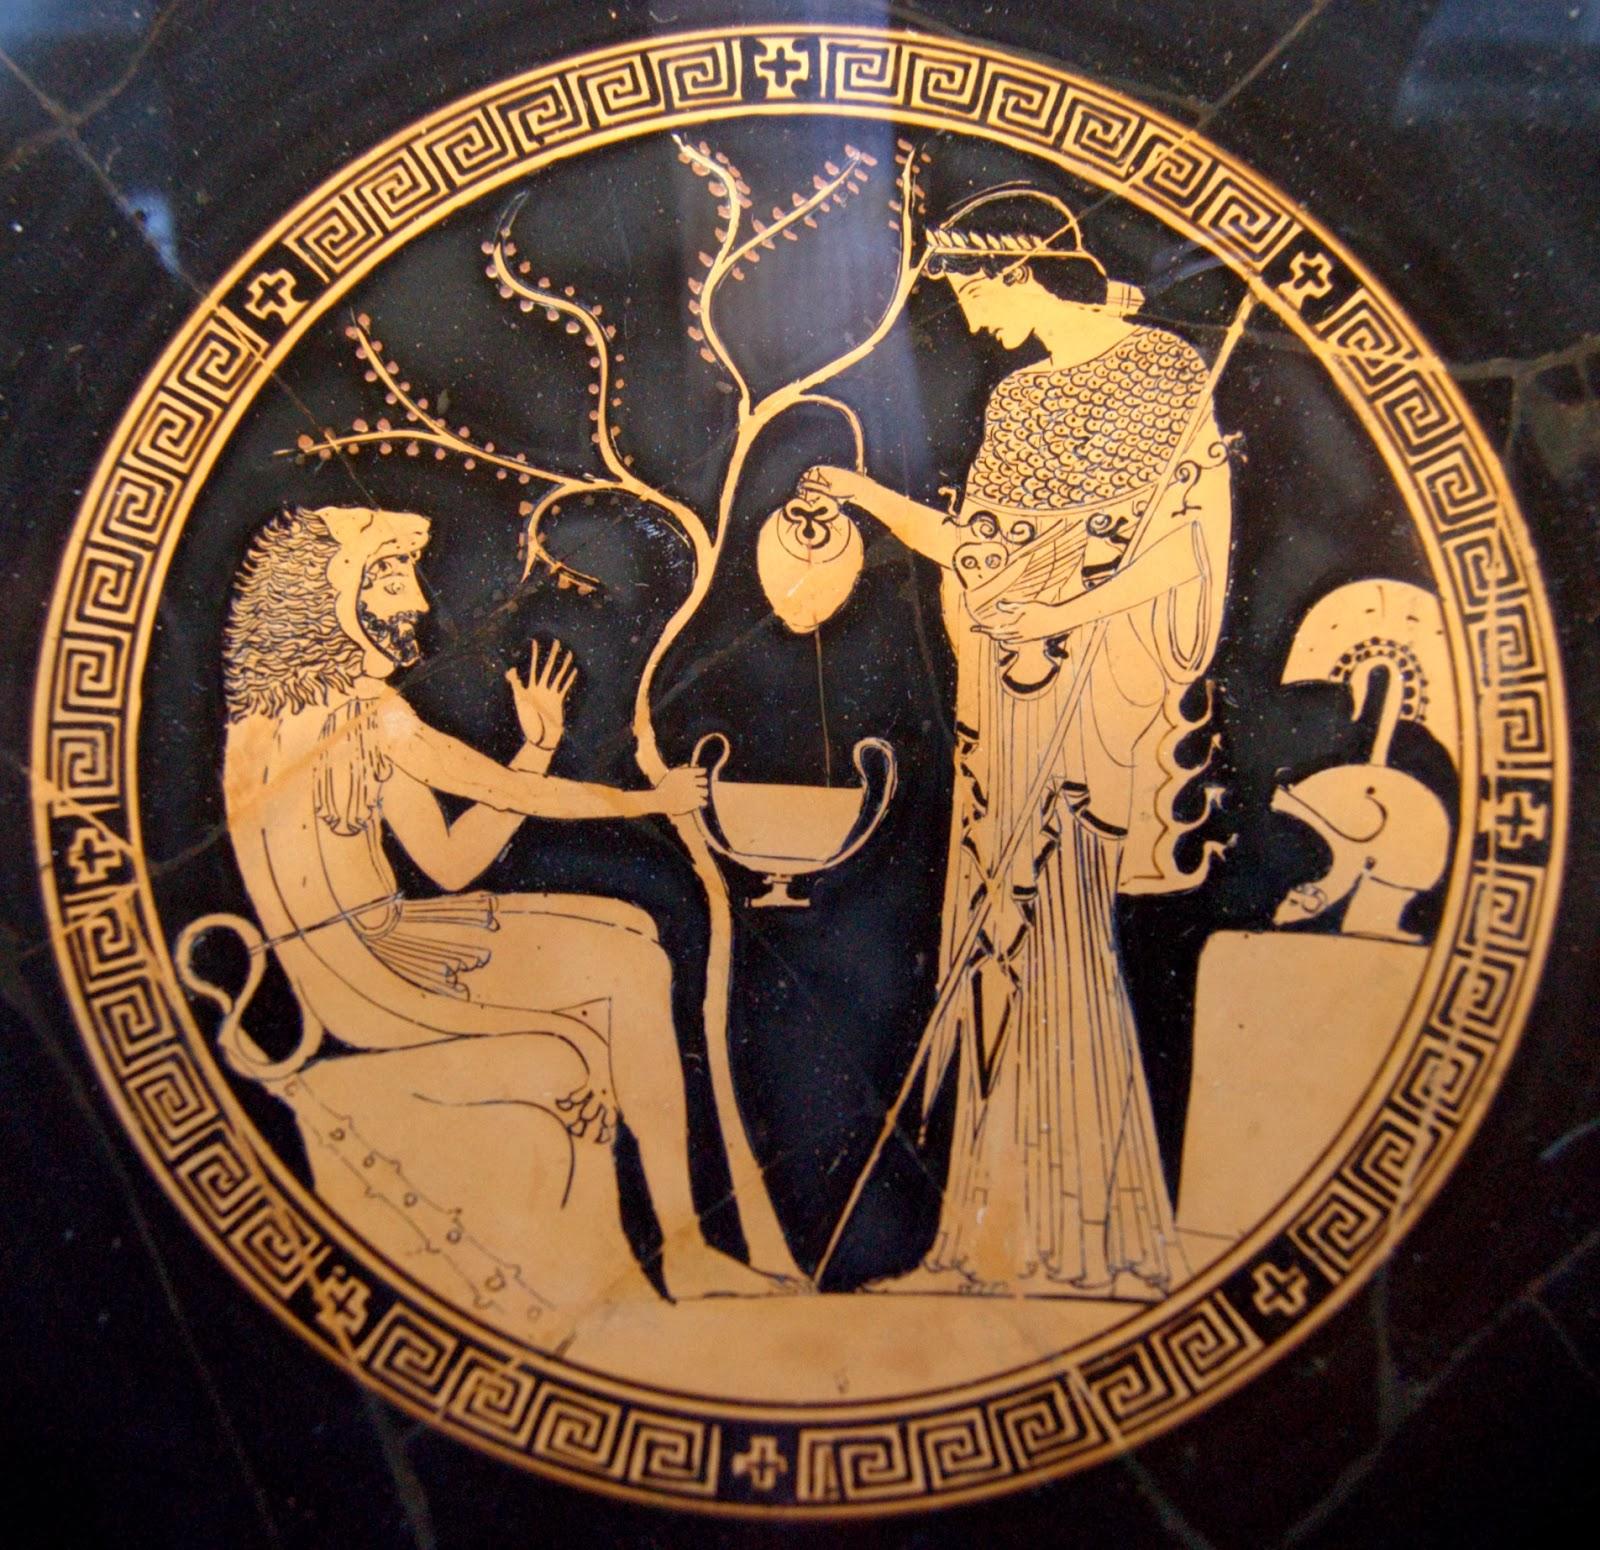 2 Athena_Herakles_Staatliche_Antikensammlungen_2648.jpg